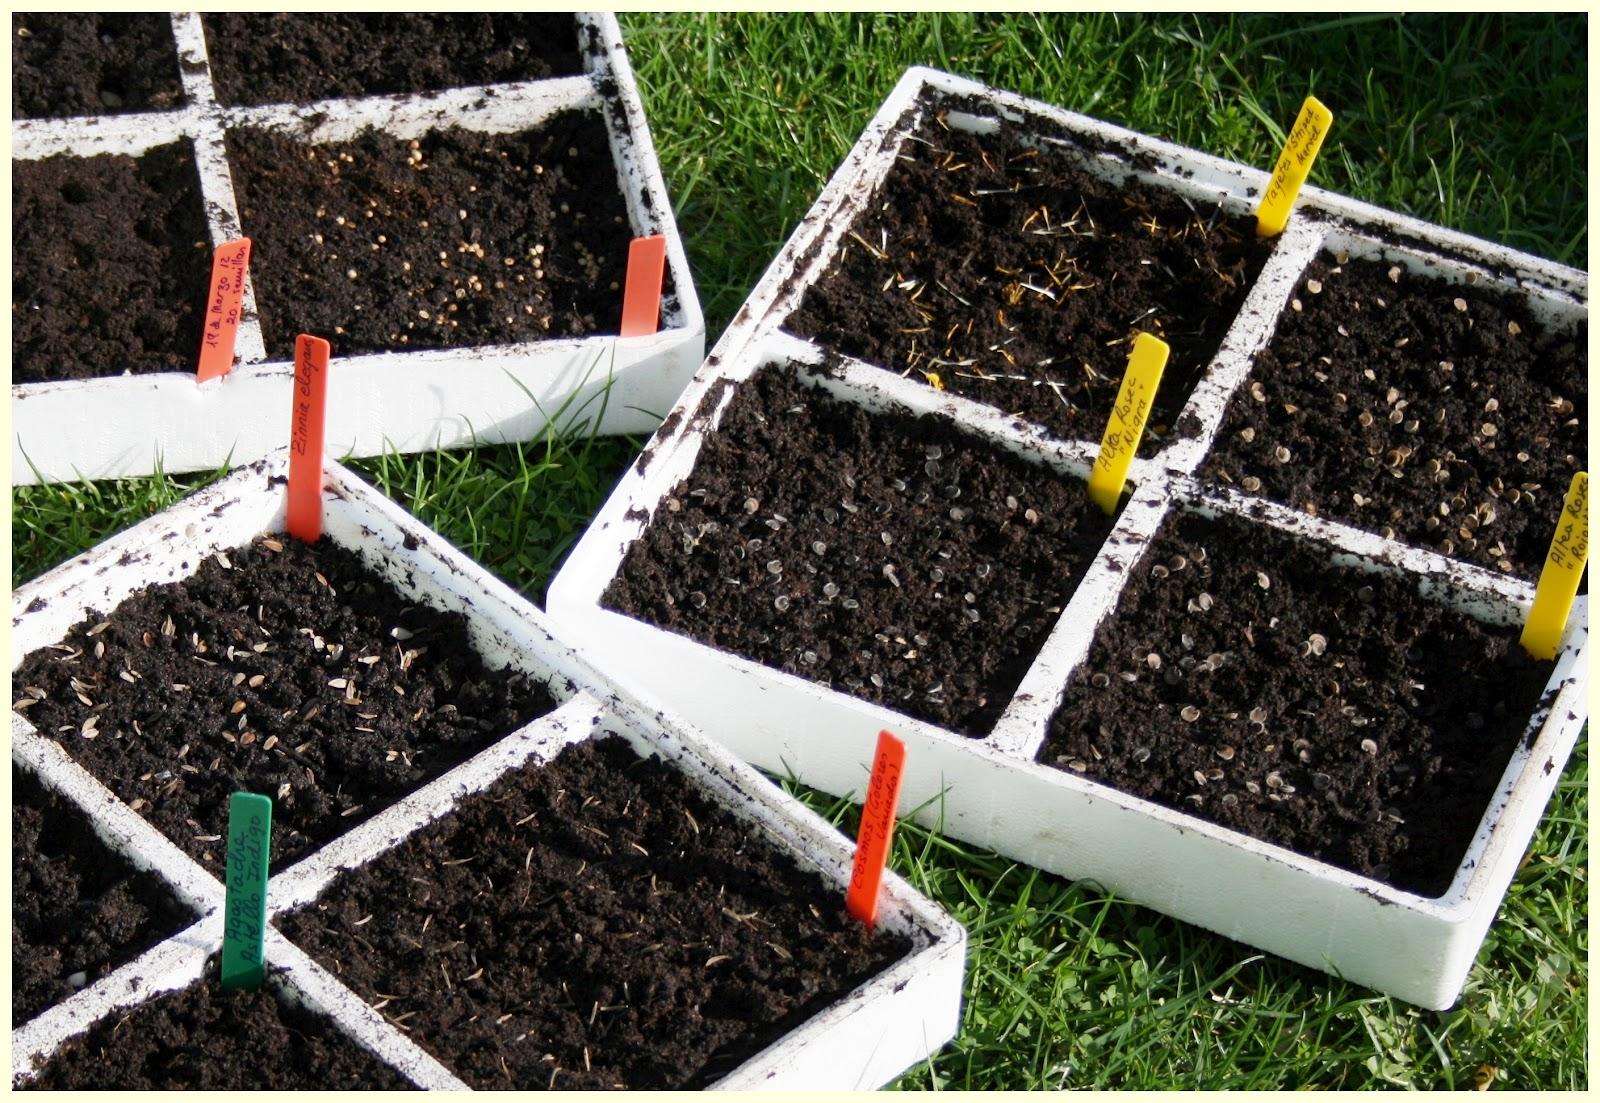 El jard n de margarita semilleros de flores y alguno m s - Tierra para semilleros ...